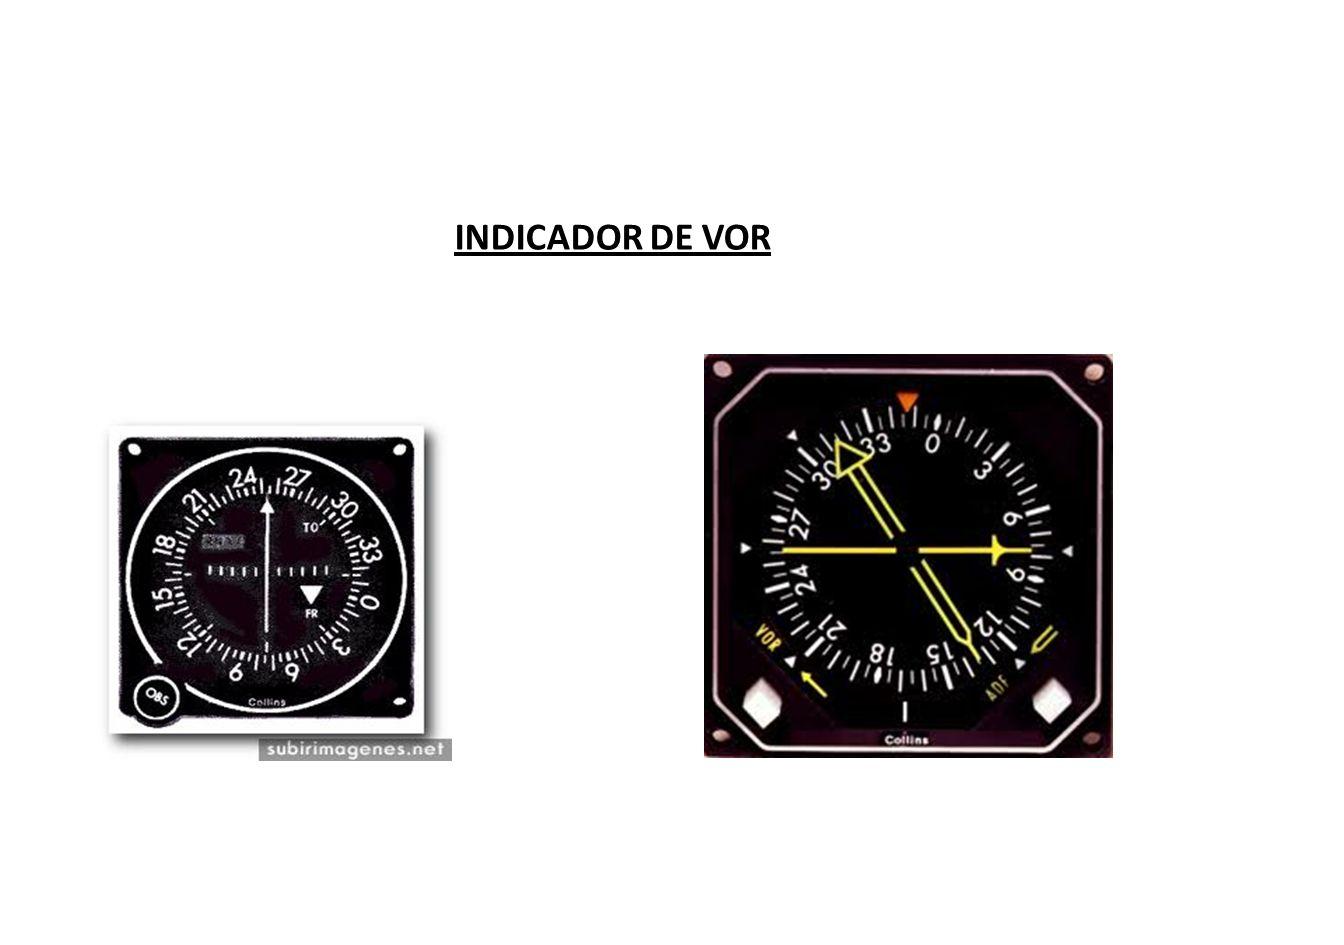 O receptor VOR, além da navegação radial, funciona como receptor localizador (sinal do LOCALIZER) durante a operação ILS (sistema de pouso por instrumento).